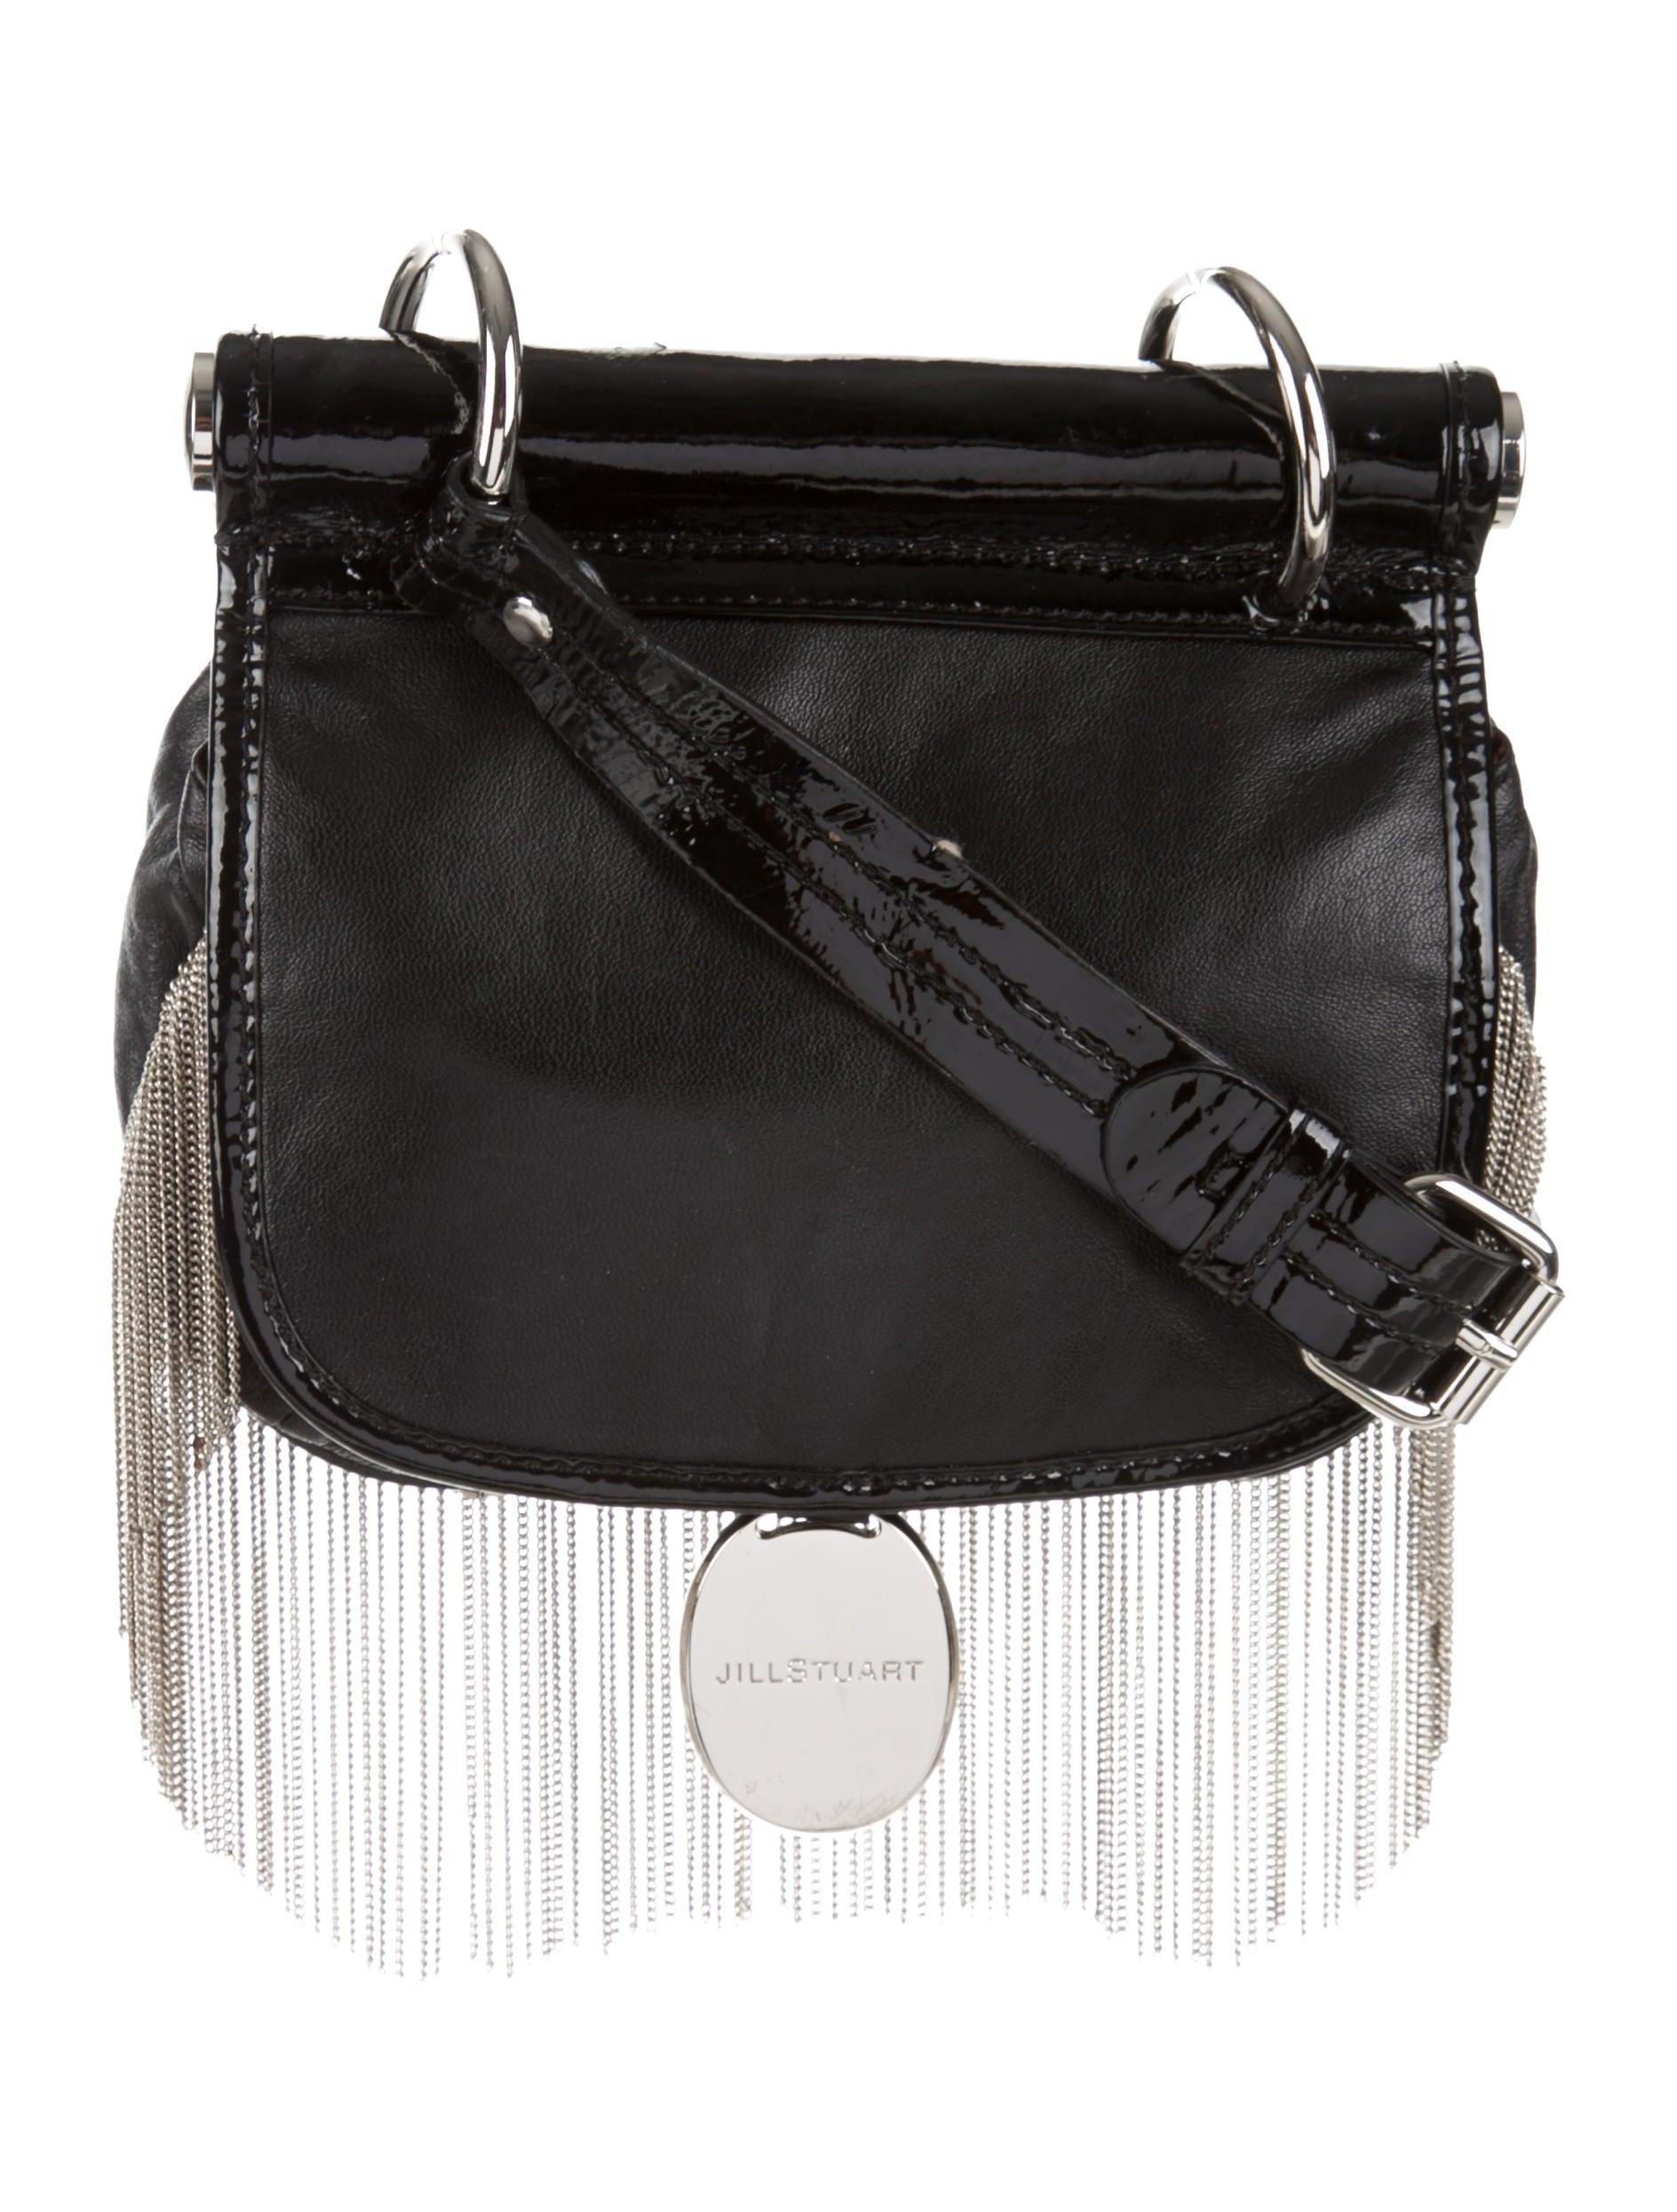 a645bccc4238 Jill stuart fringe crossbody bag handbags jis the realreal jpg 1888x2491 Jill  stuart bag